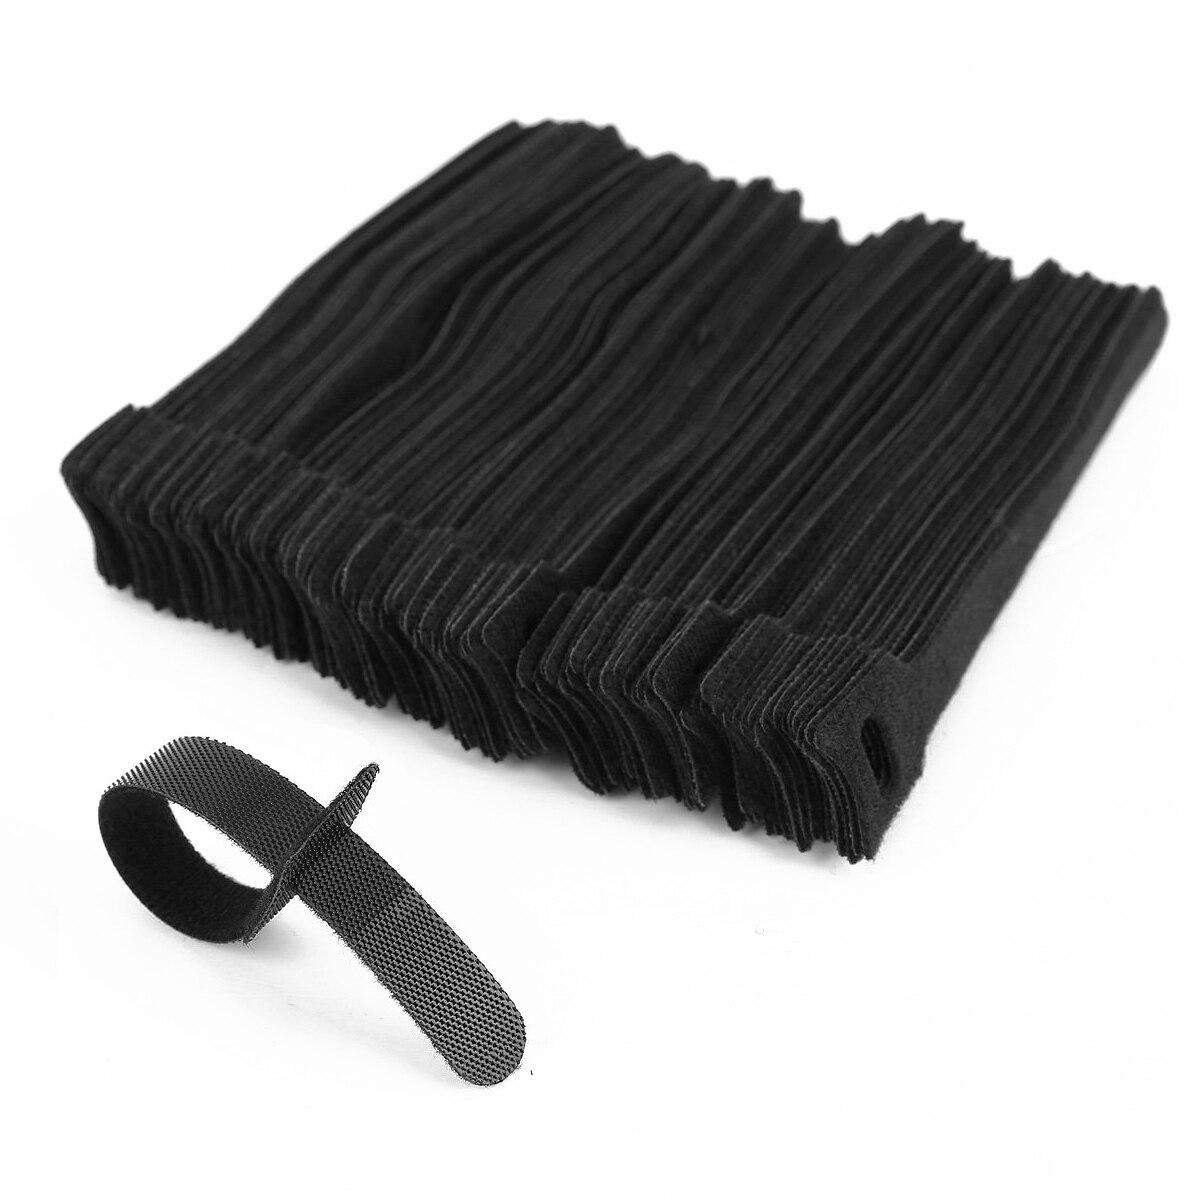 100 pcs adjustable black nylon cable tie L 15cm Reusable